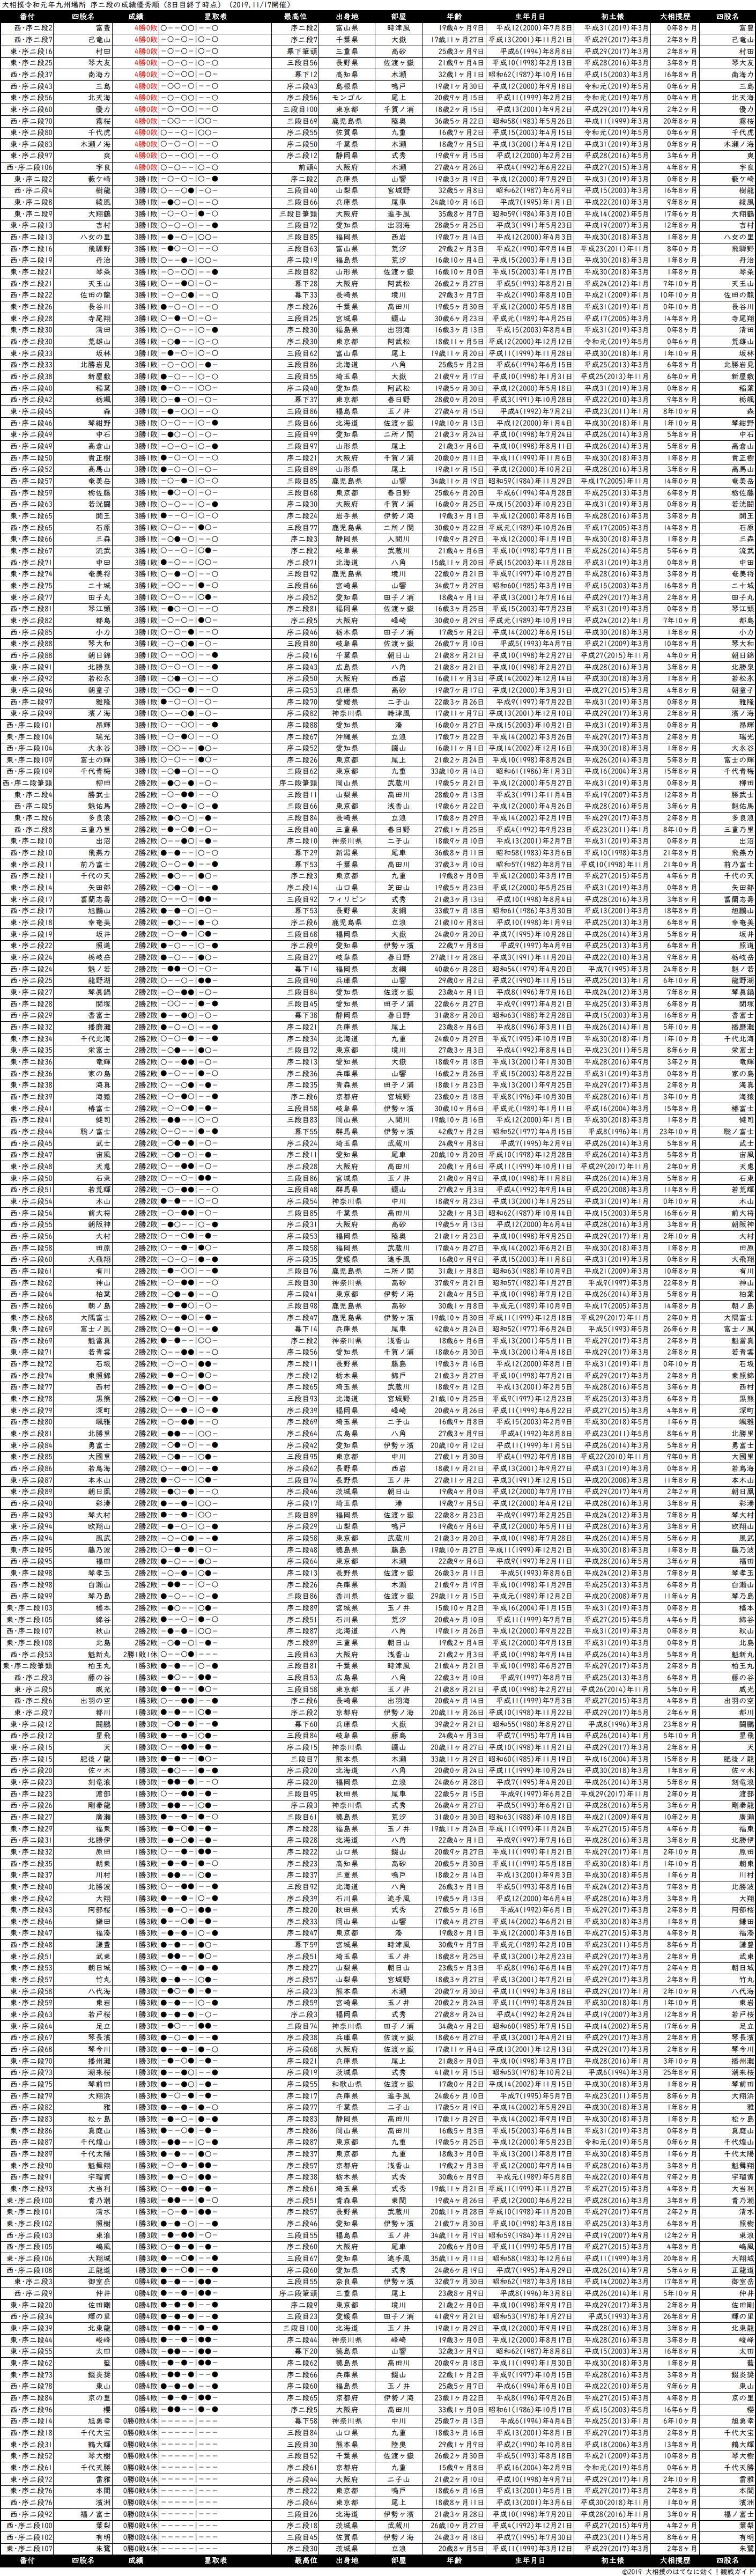 序二段成績順一覧表・2019年11月場所8日目